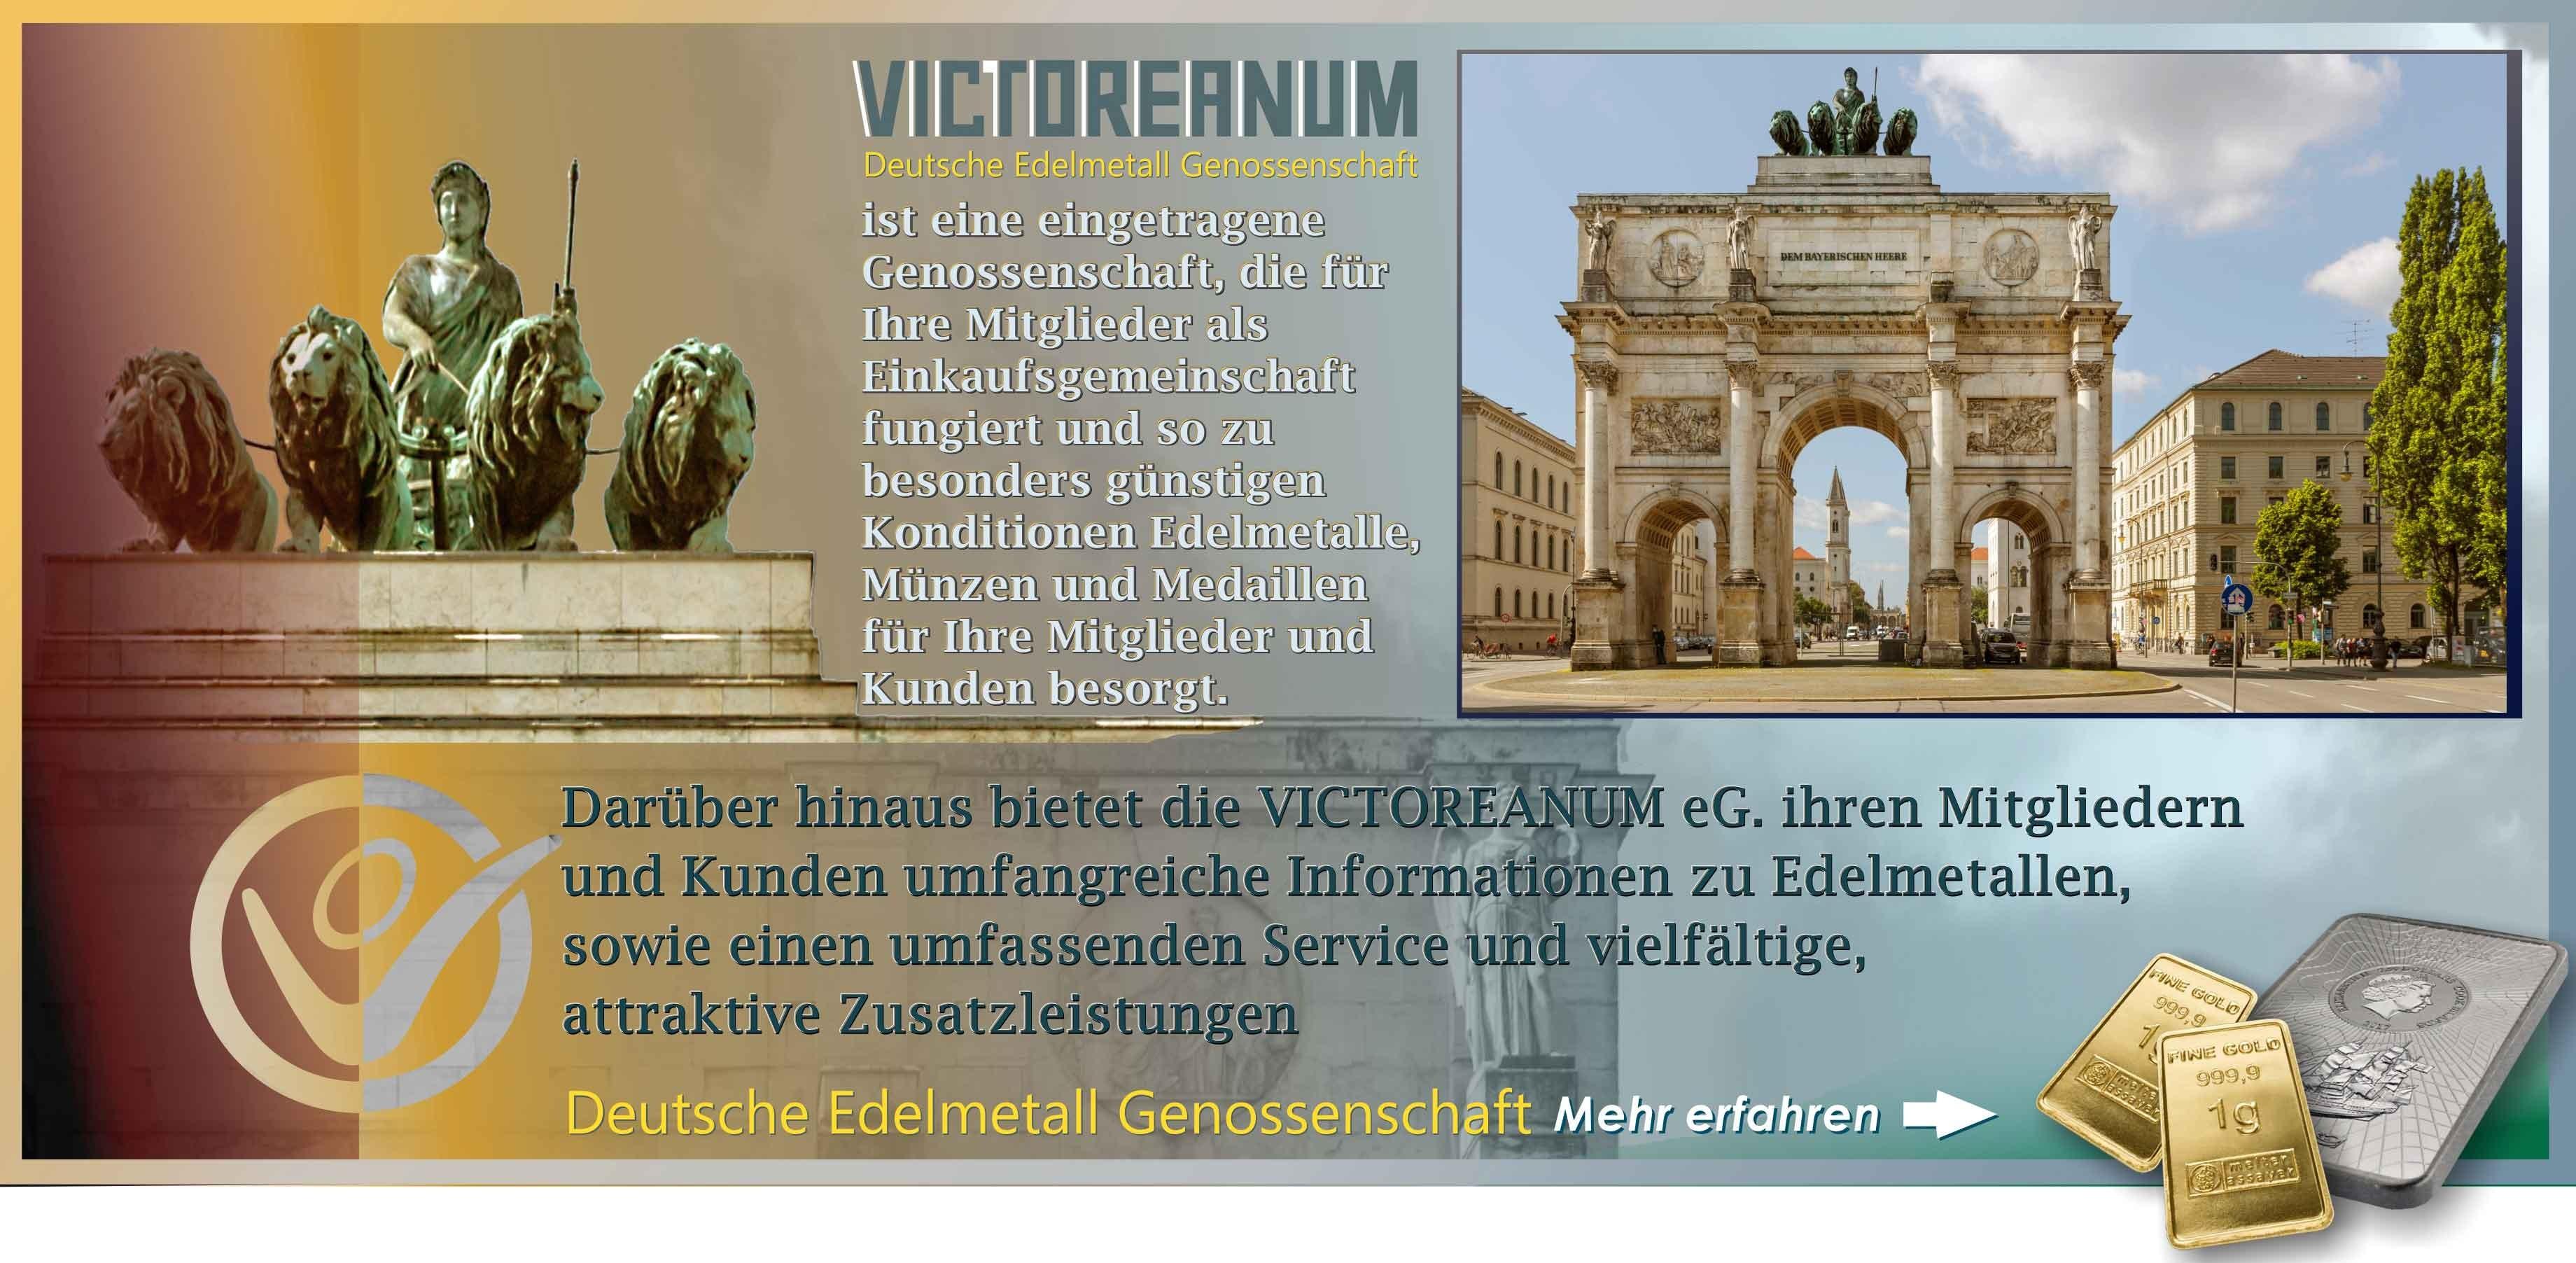 Über Victoreanum